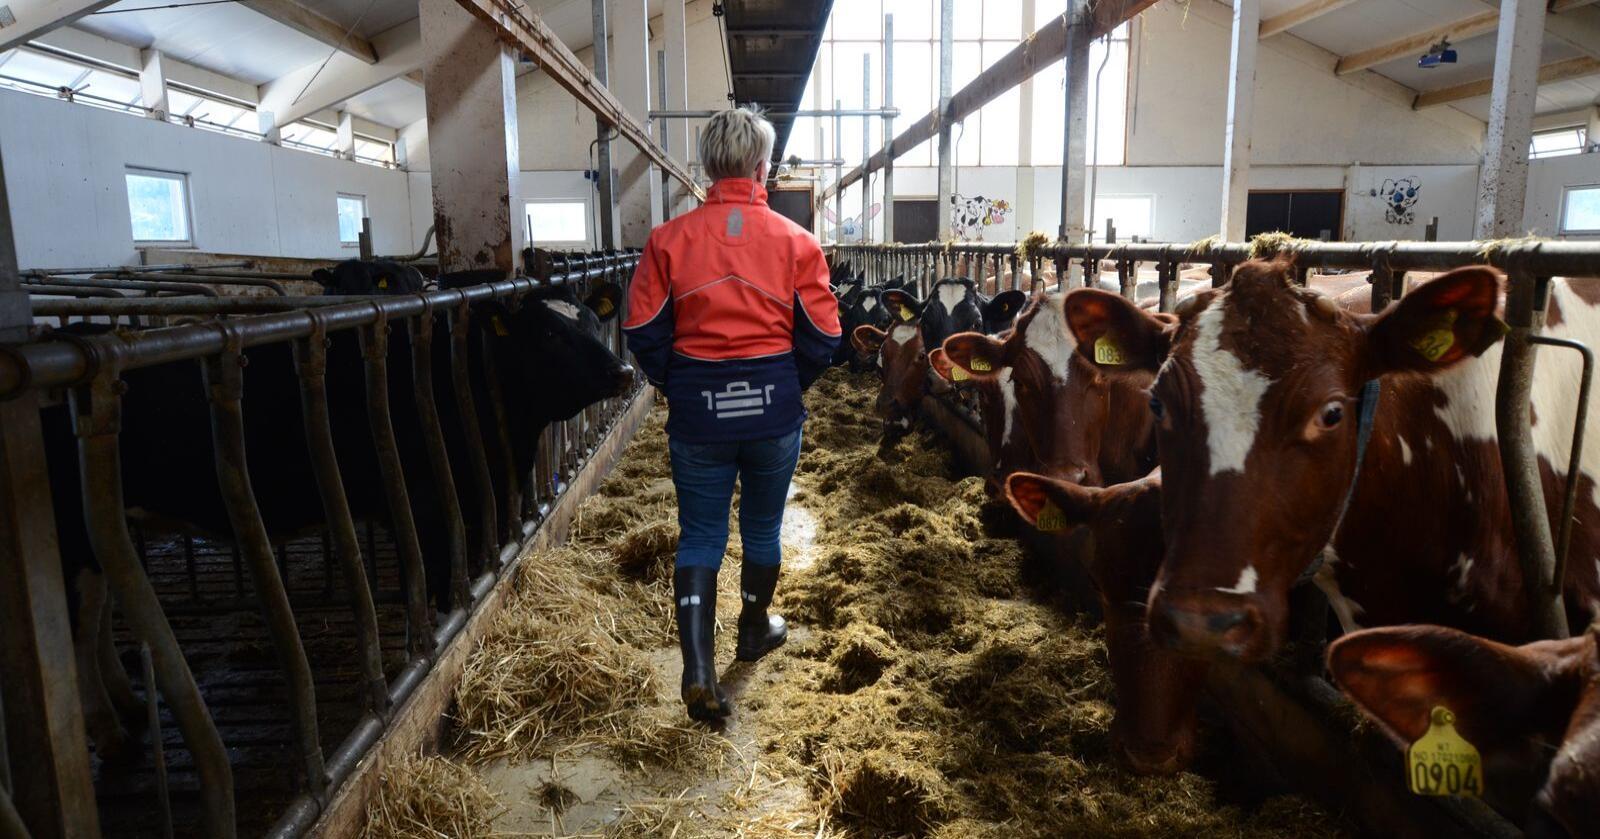 –  Først og fremst er dette en utrolig god nyhet for oss melkeprodusenter, slår styreleder i Tine, Marit Haugen fast.